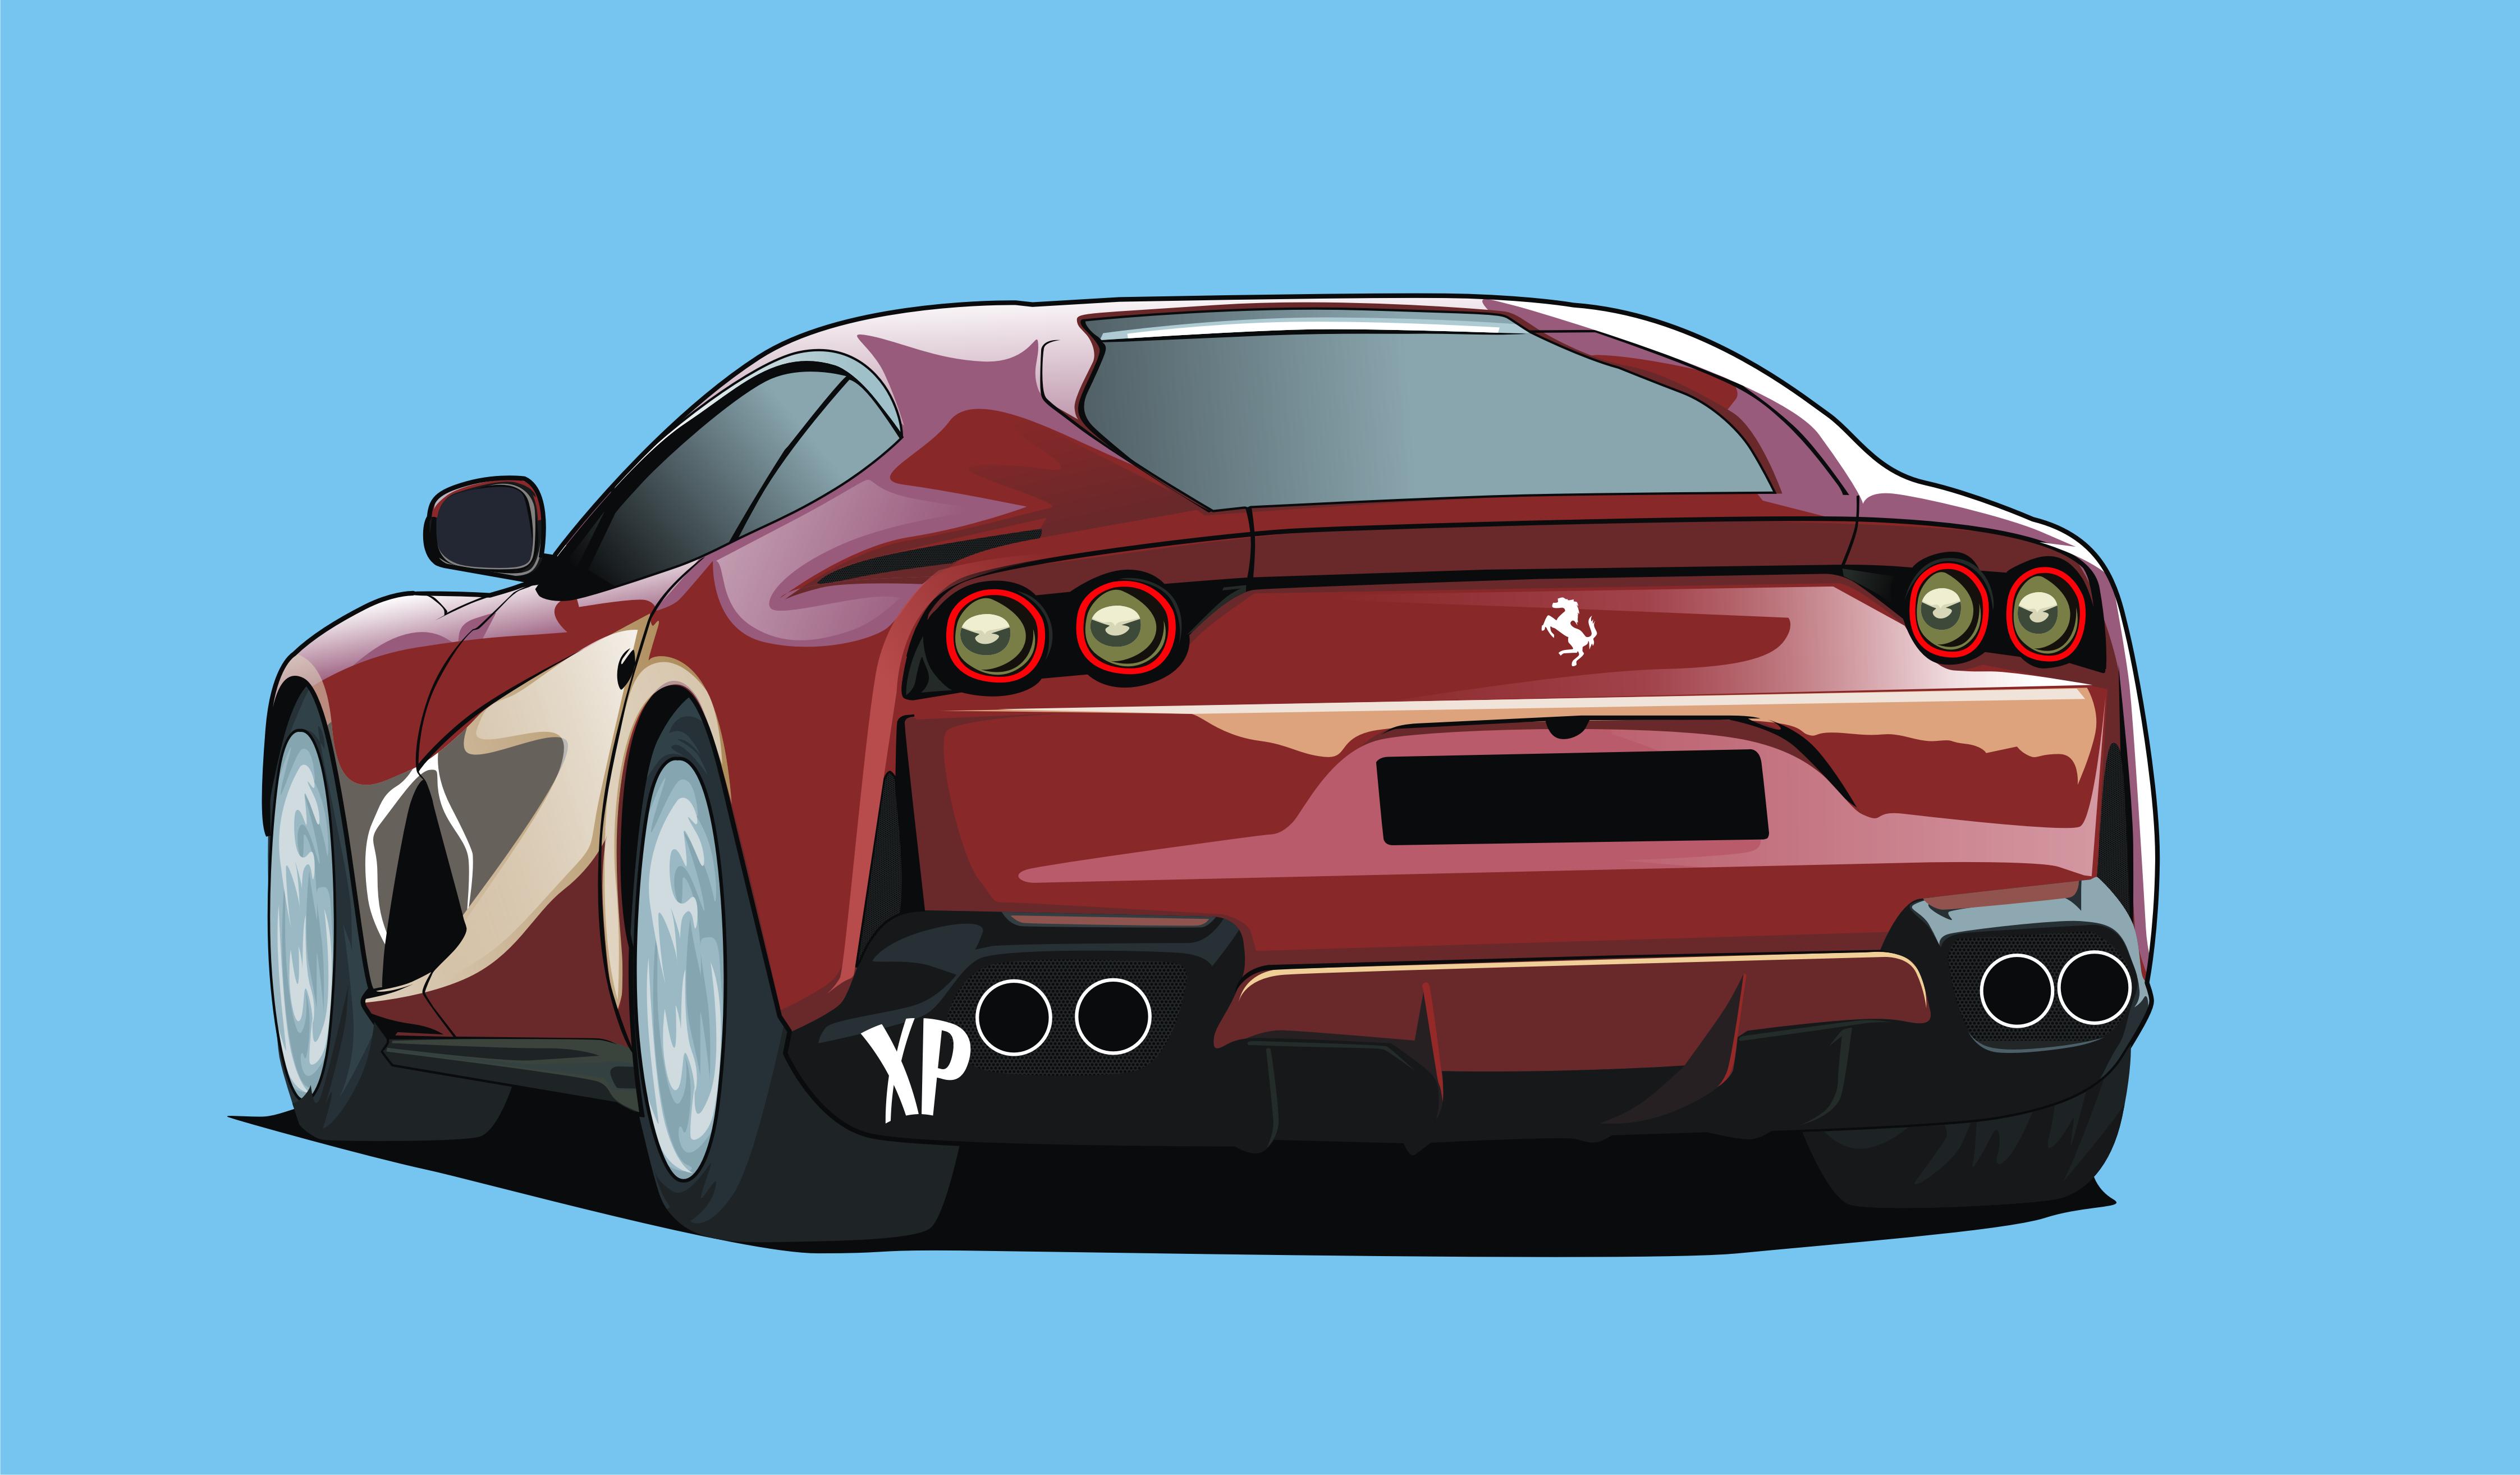 supercar in cartoon sytle cars cartoon vector ferrari